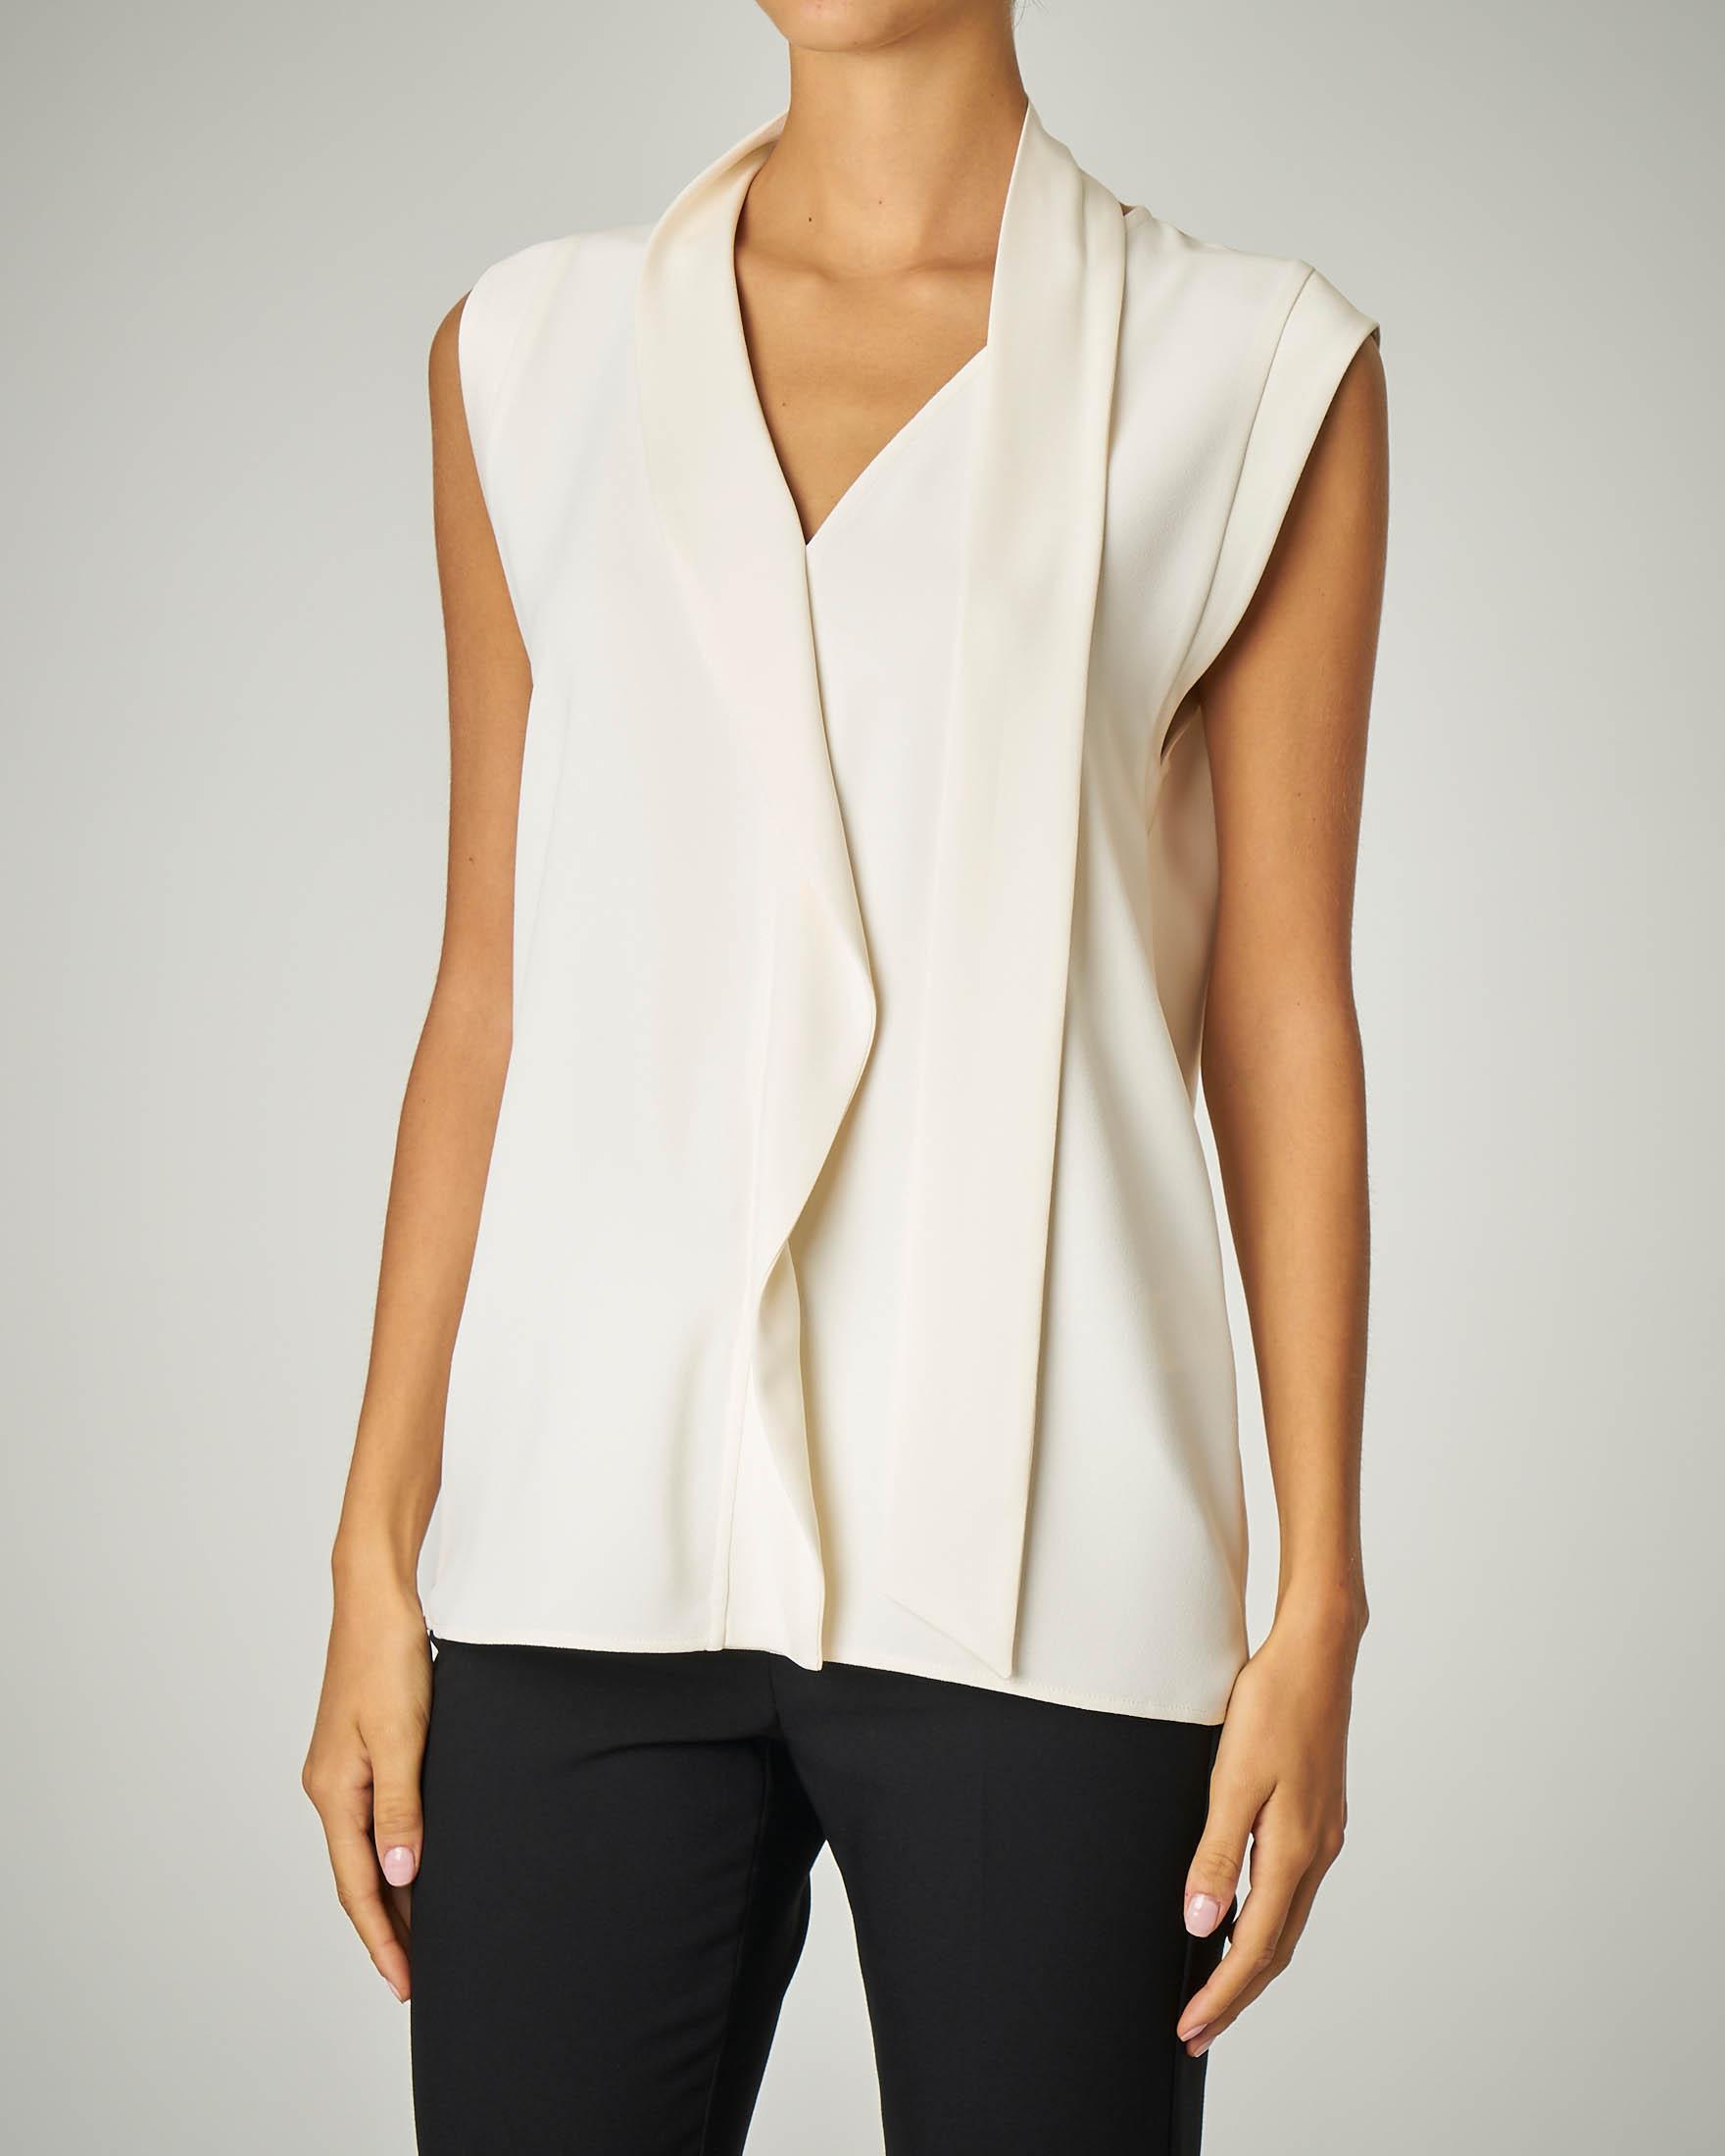 Camicia bianca senza maniche